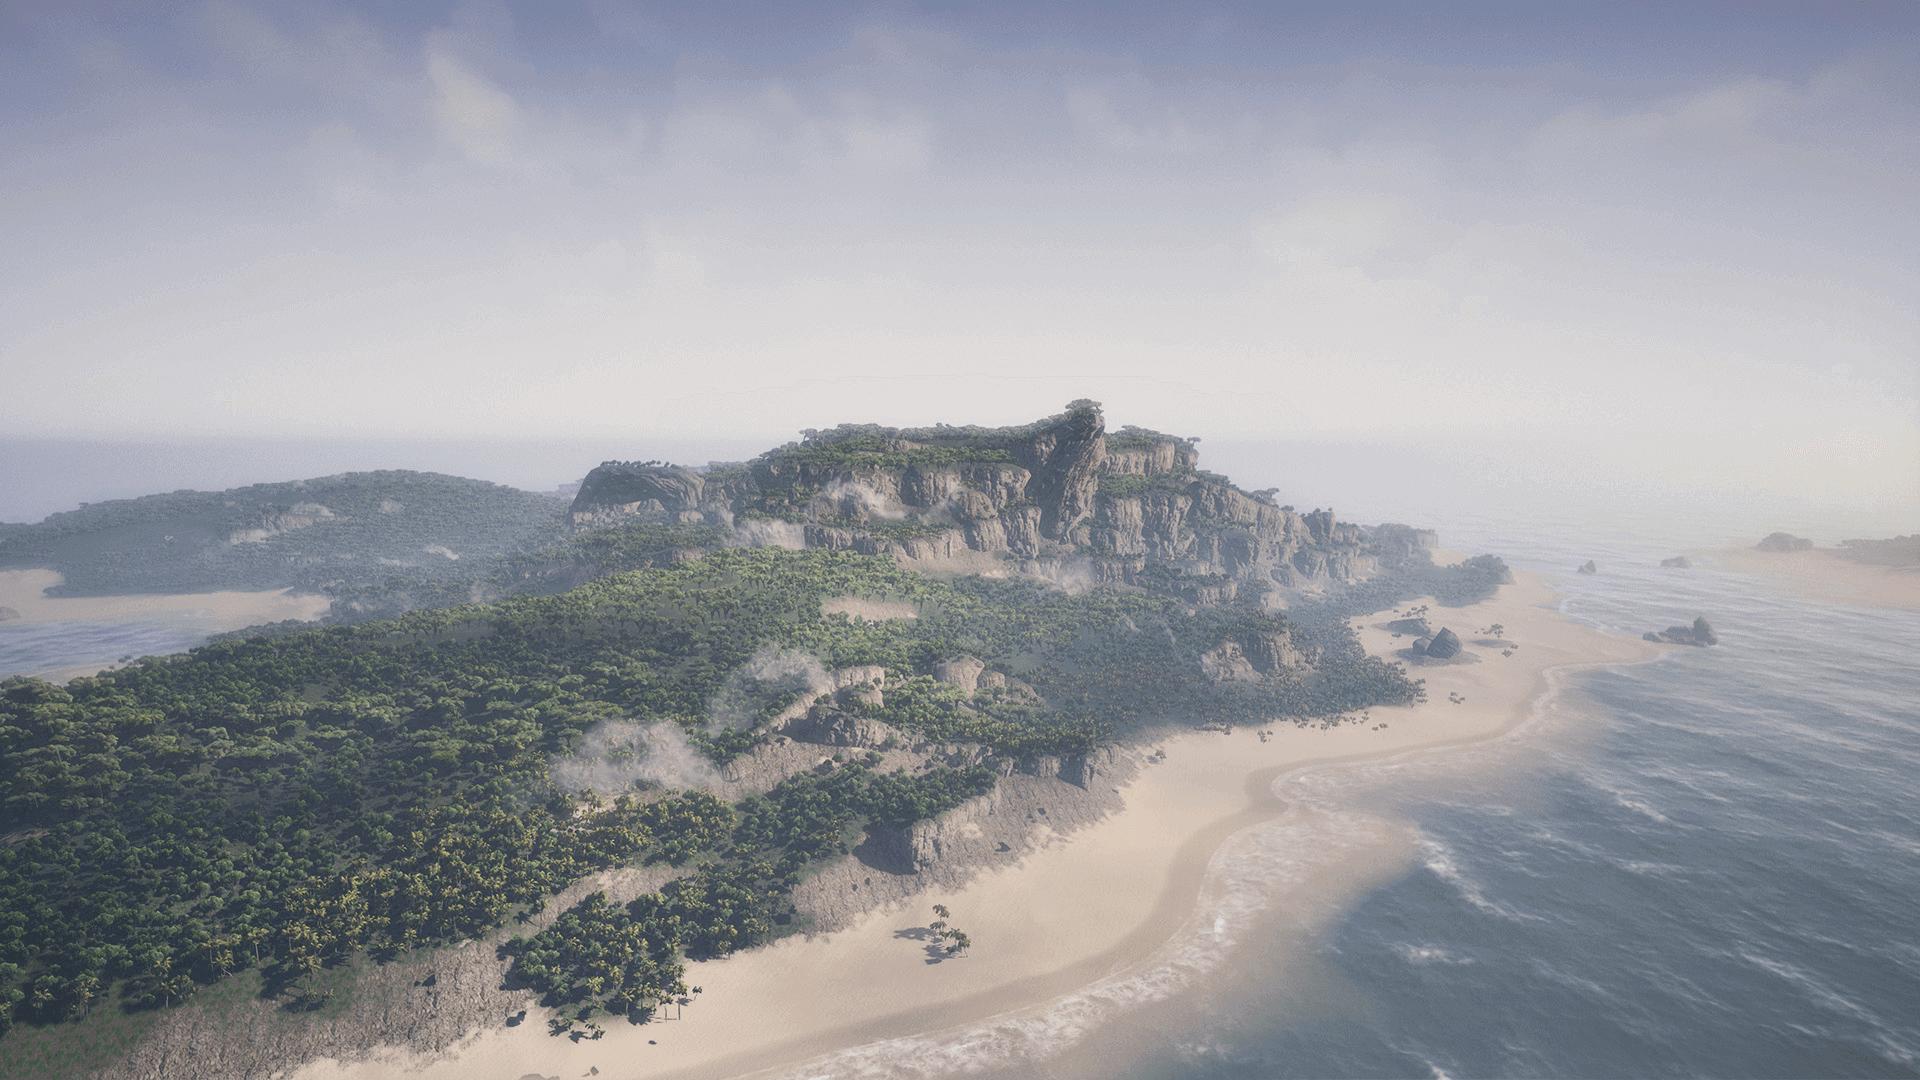 TropicalIsland Screenshot 03 1920x1080 35d52bfac49c160a9fad049ddb10554f - Tropical Island Environment - UE4热带岛屿环境资源